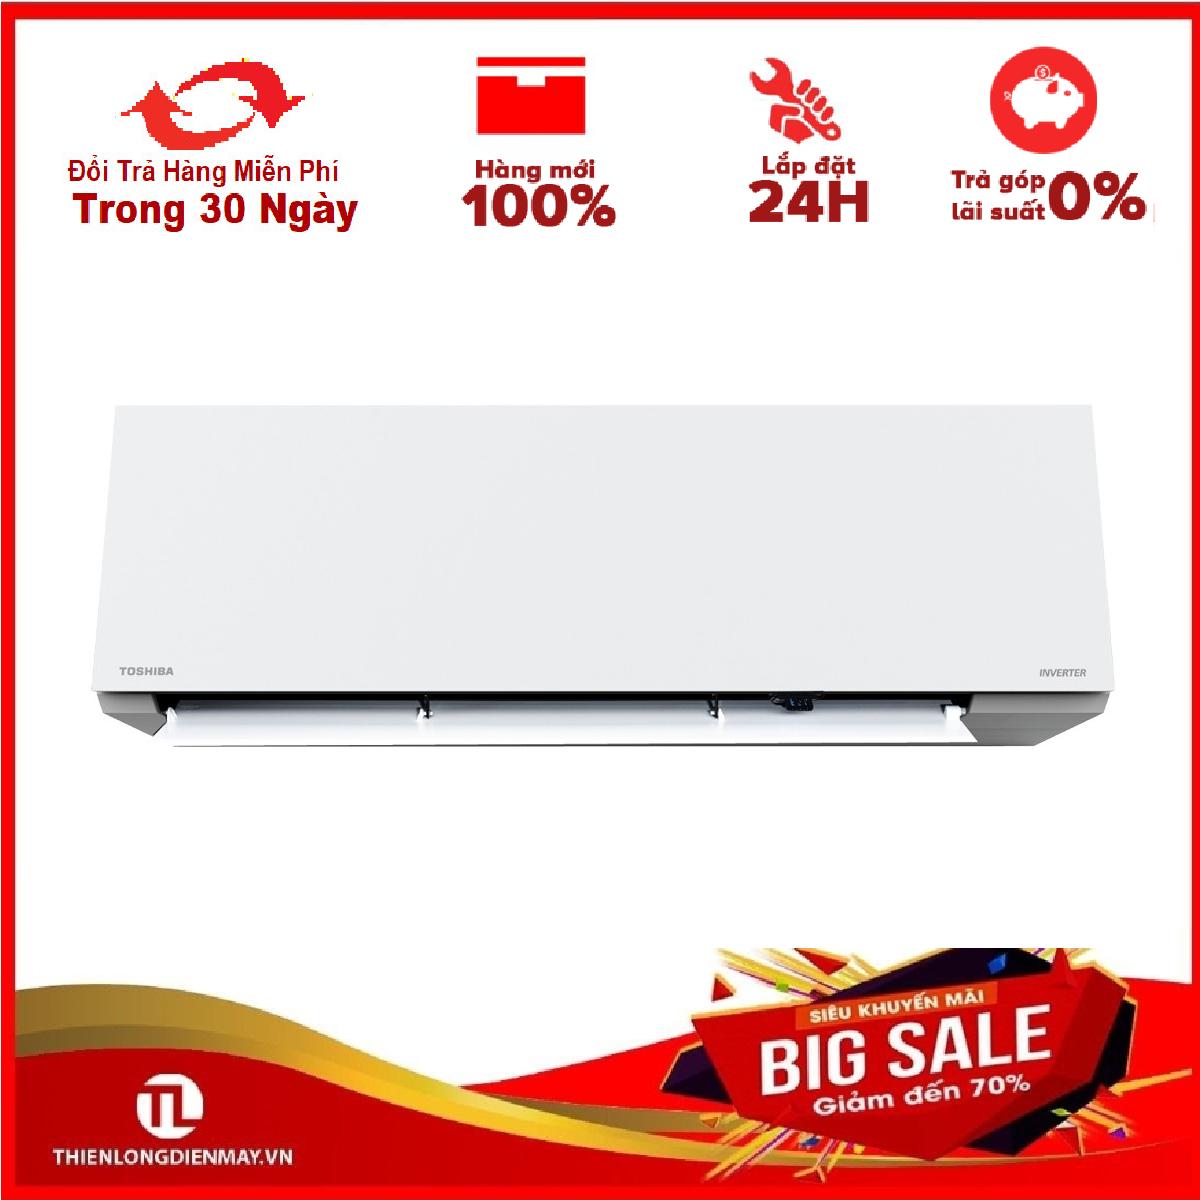 [GIAO HÀNG 2 - 15 NGÀY, TRỄ NHẤT 15.08] [Trả góp 0%]Máy lạnh Toshiba Inverter 2 HP RAS-H18E2KCVG-V